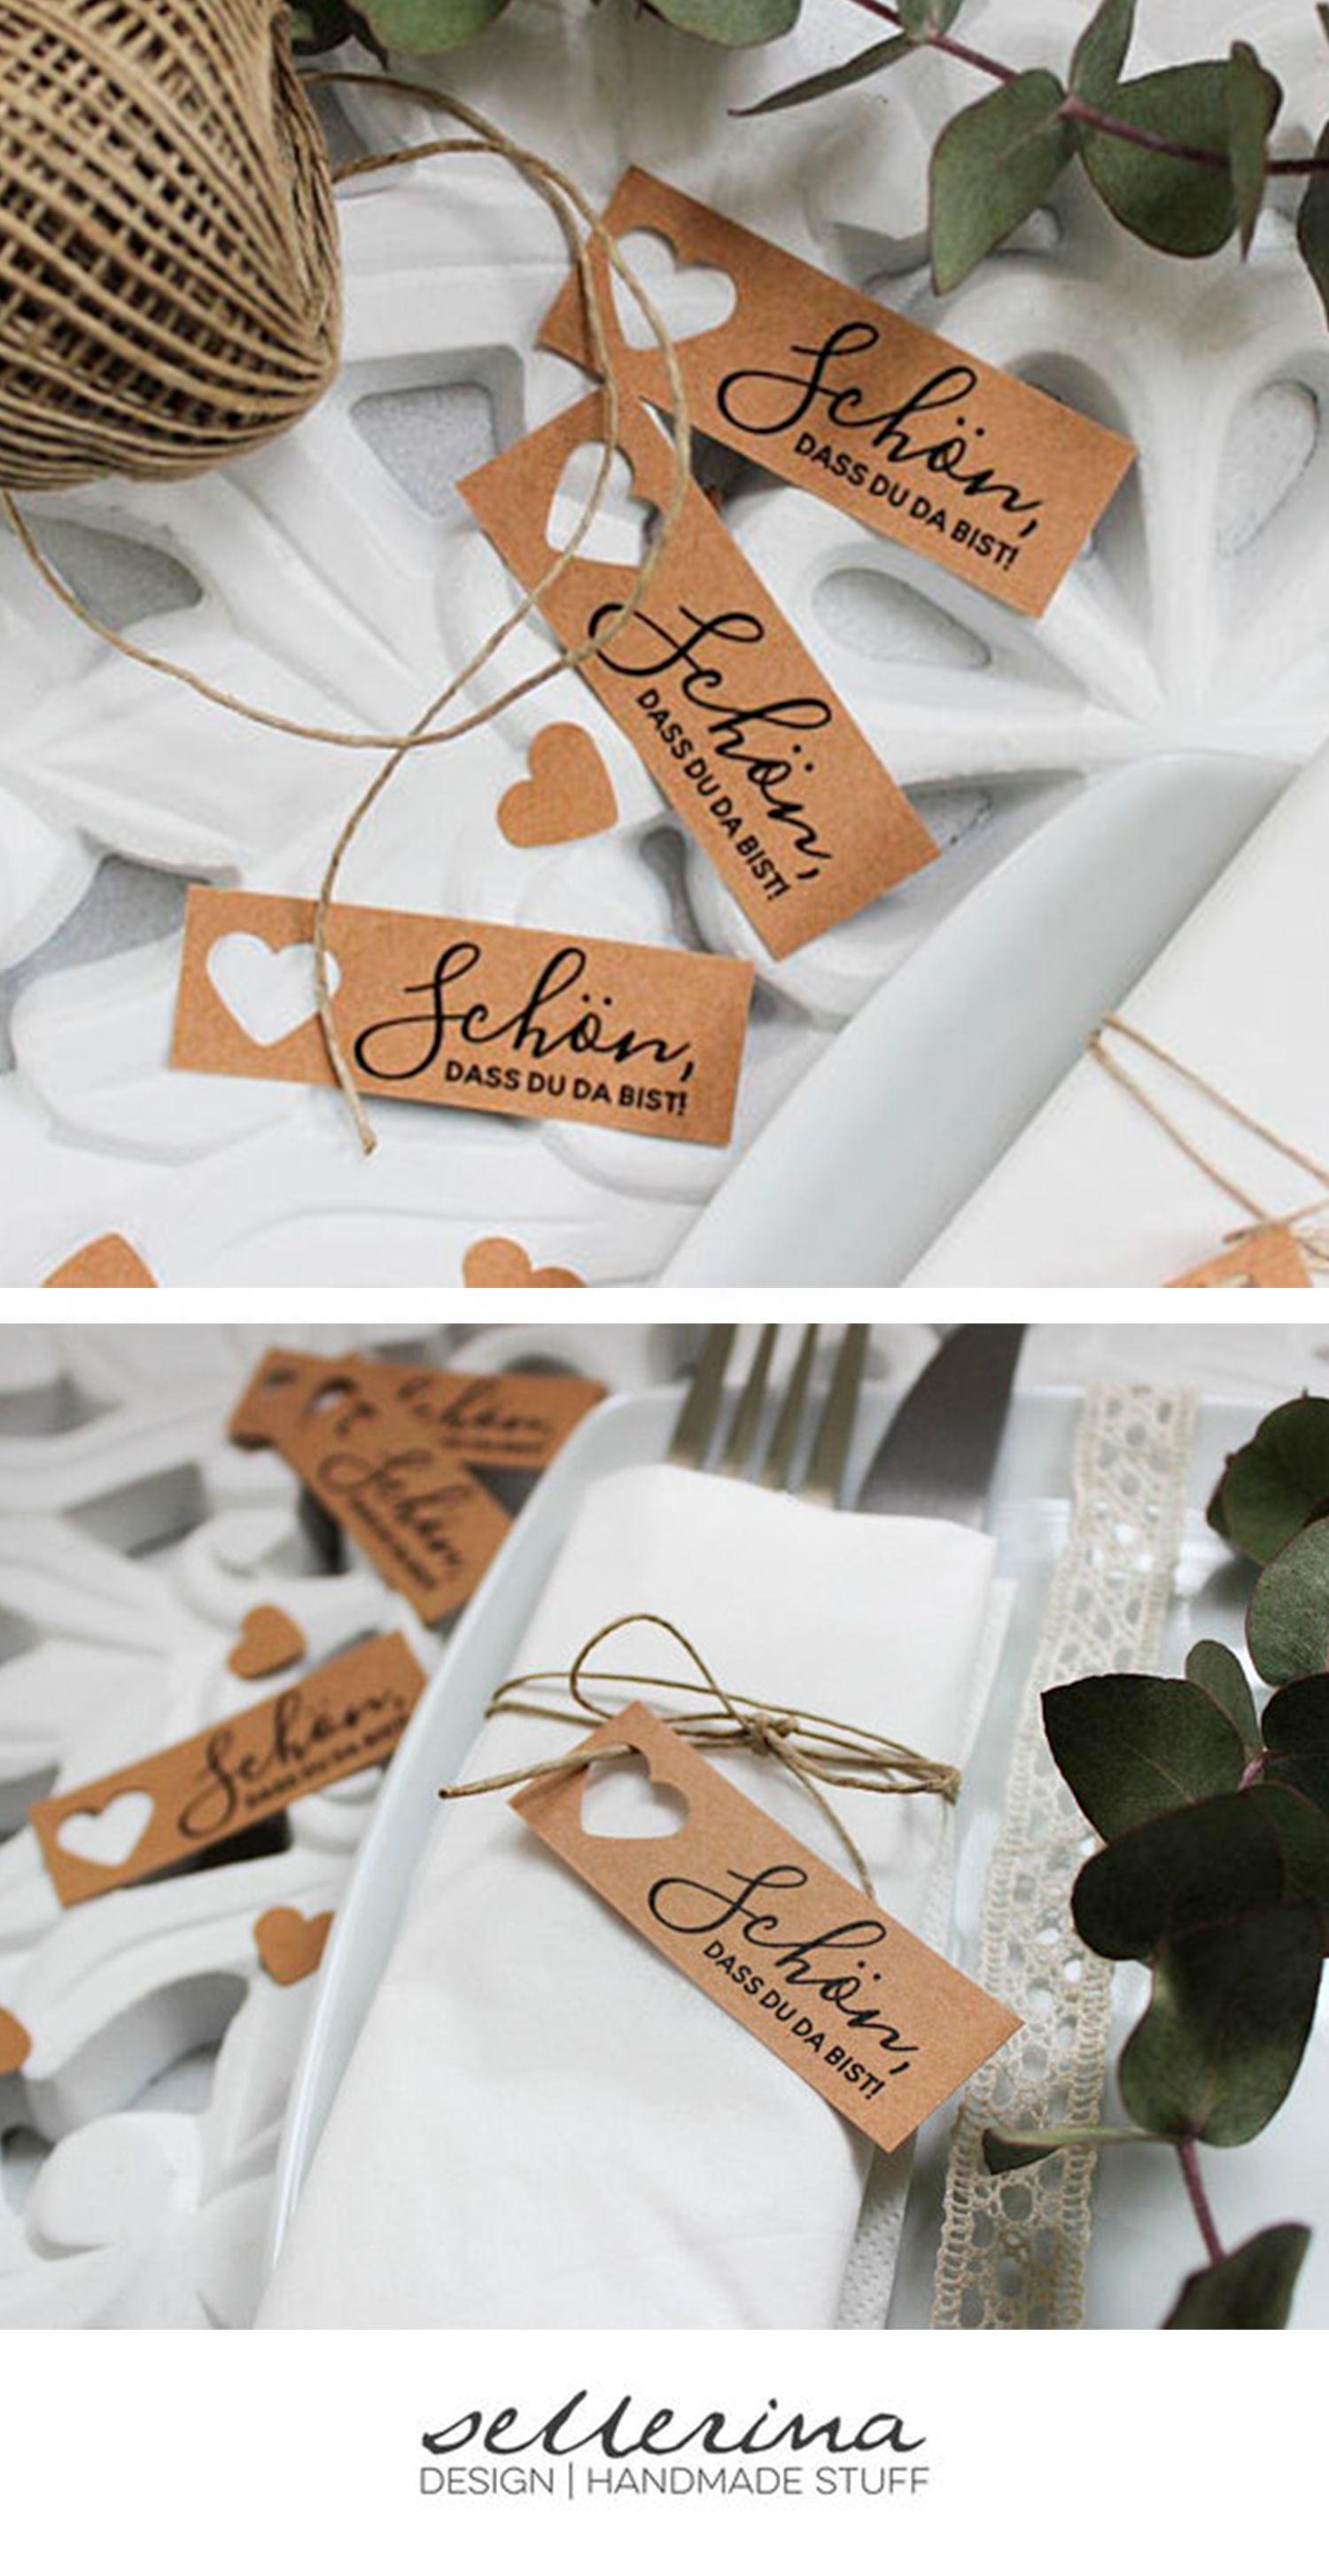 10 Stk. Tischkarten für Hochzeit – Namenskarten (Naturpapier, vintage, boho, platzkarten)